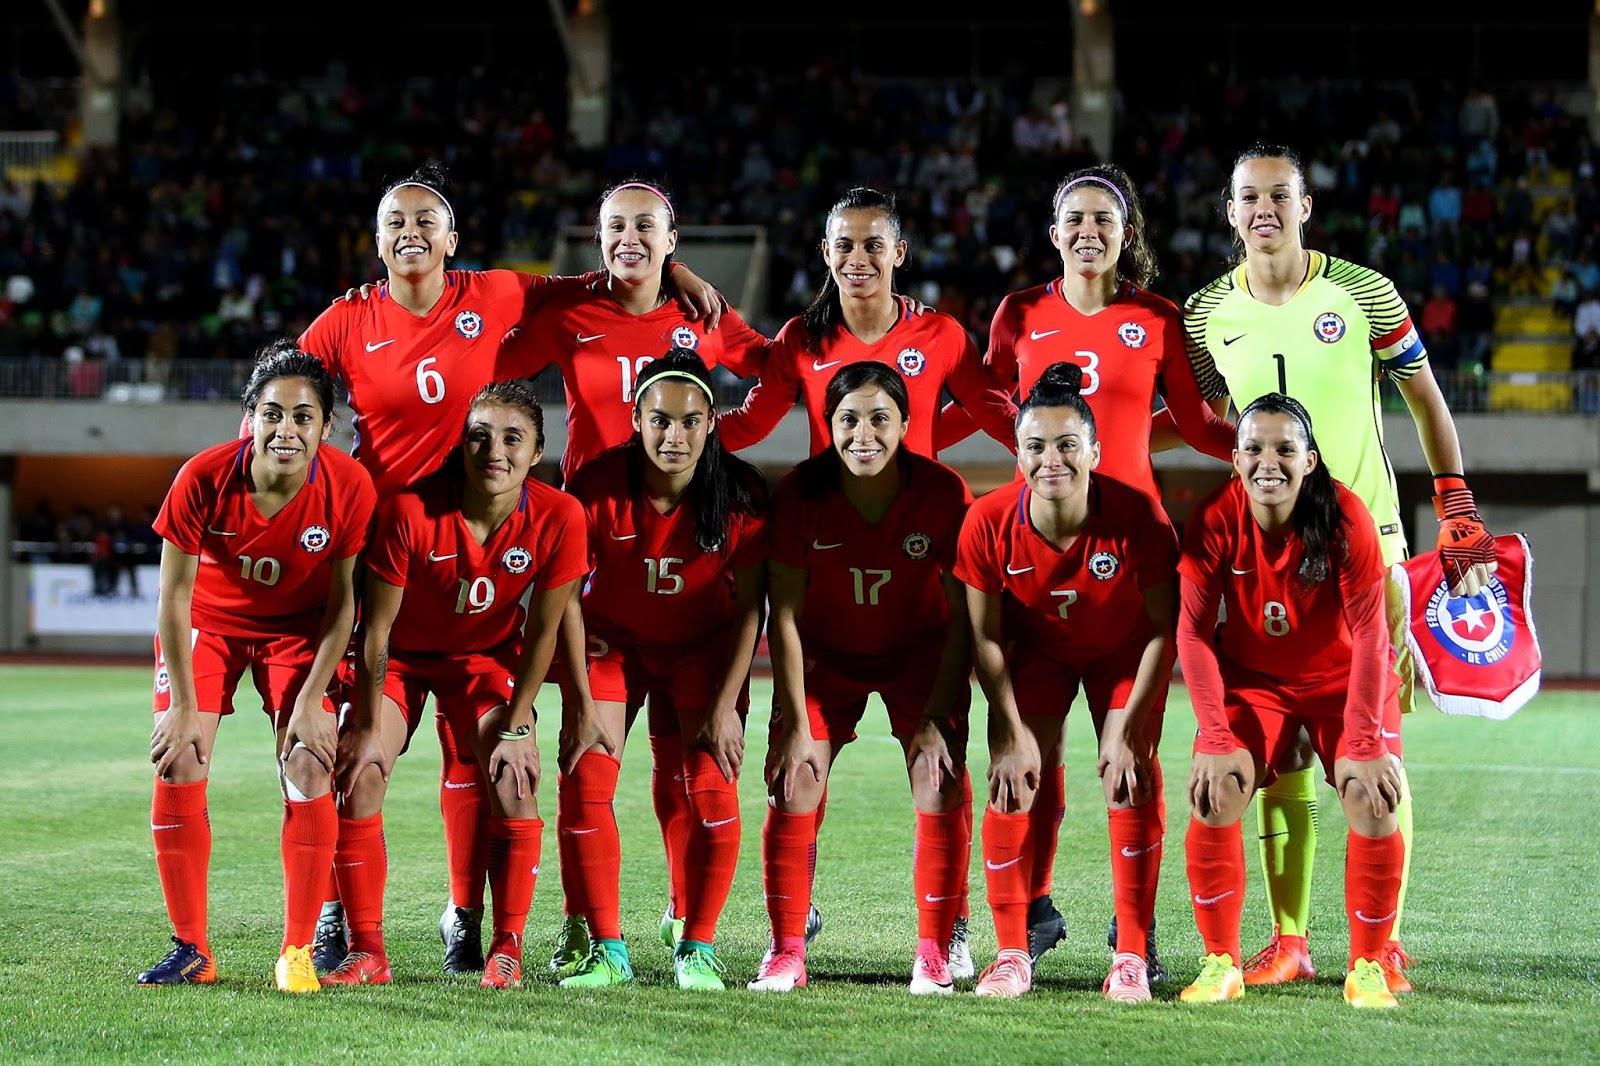 Formación de selección femenina de Chile ante Argentina, amistoso disputado el 24 de octubre de 2017